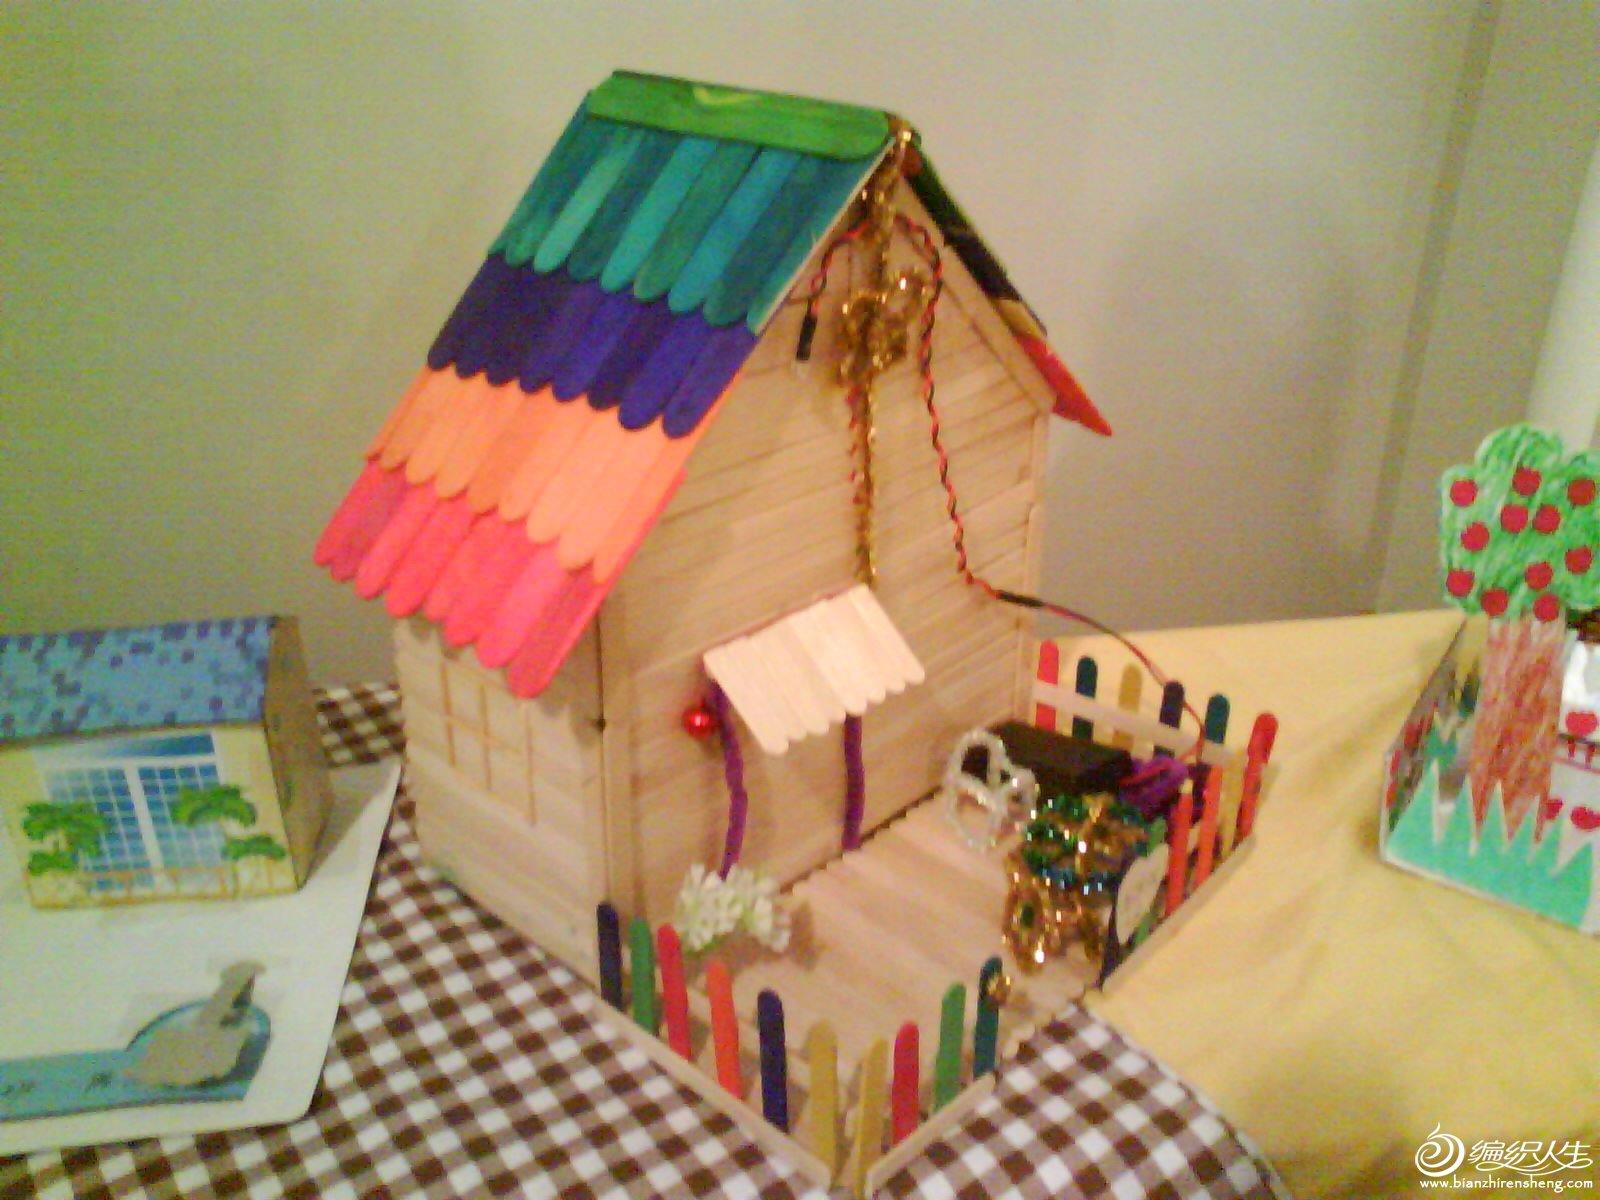 冰棍棒,小房子